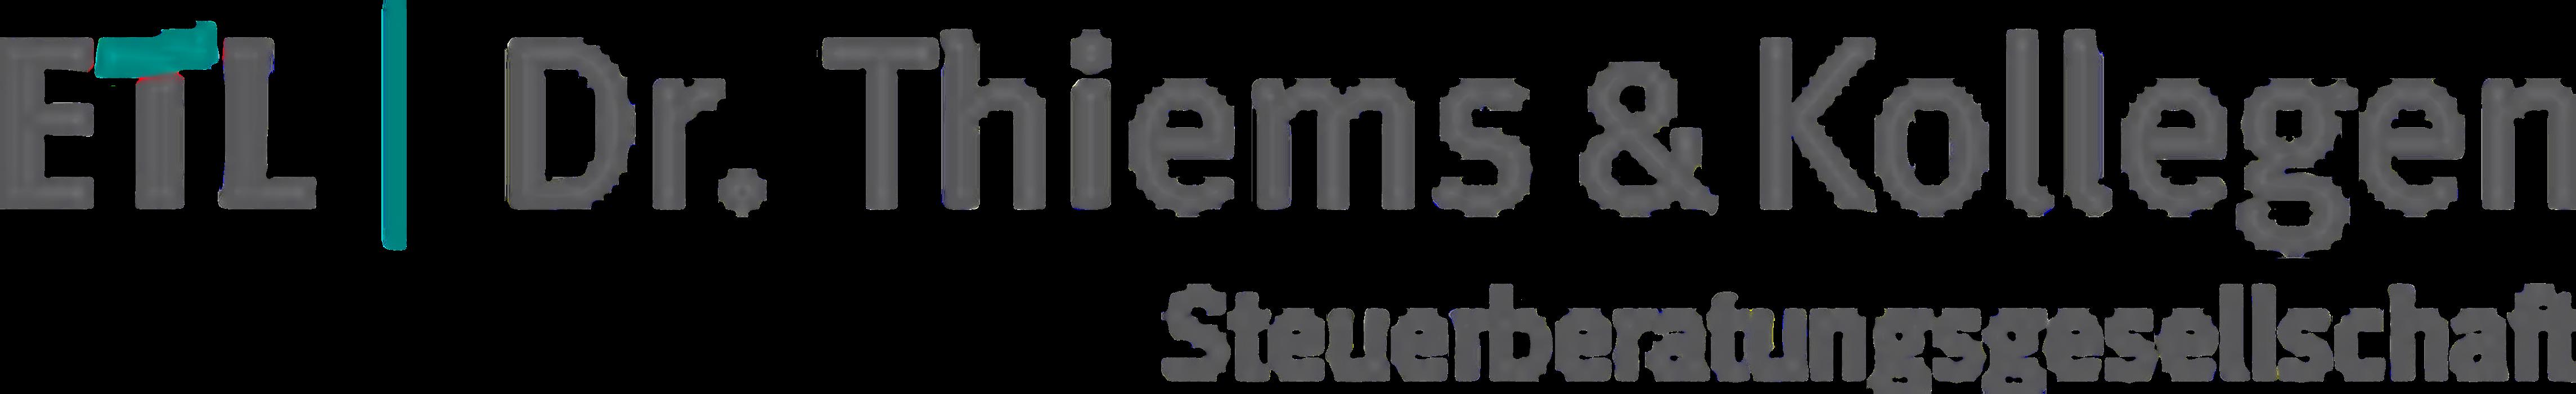 Bild zu ETL Dr. Thiems & Kollegen GmbH Steuerberatungsgesellschaft in Cuxhaven